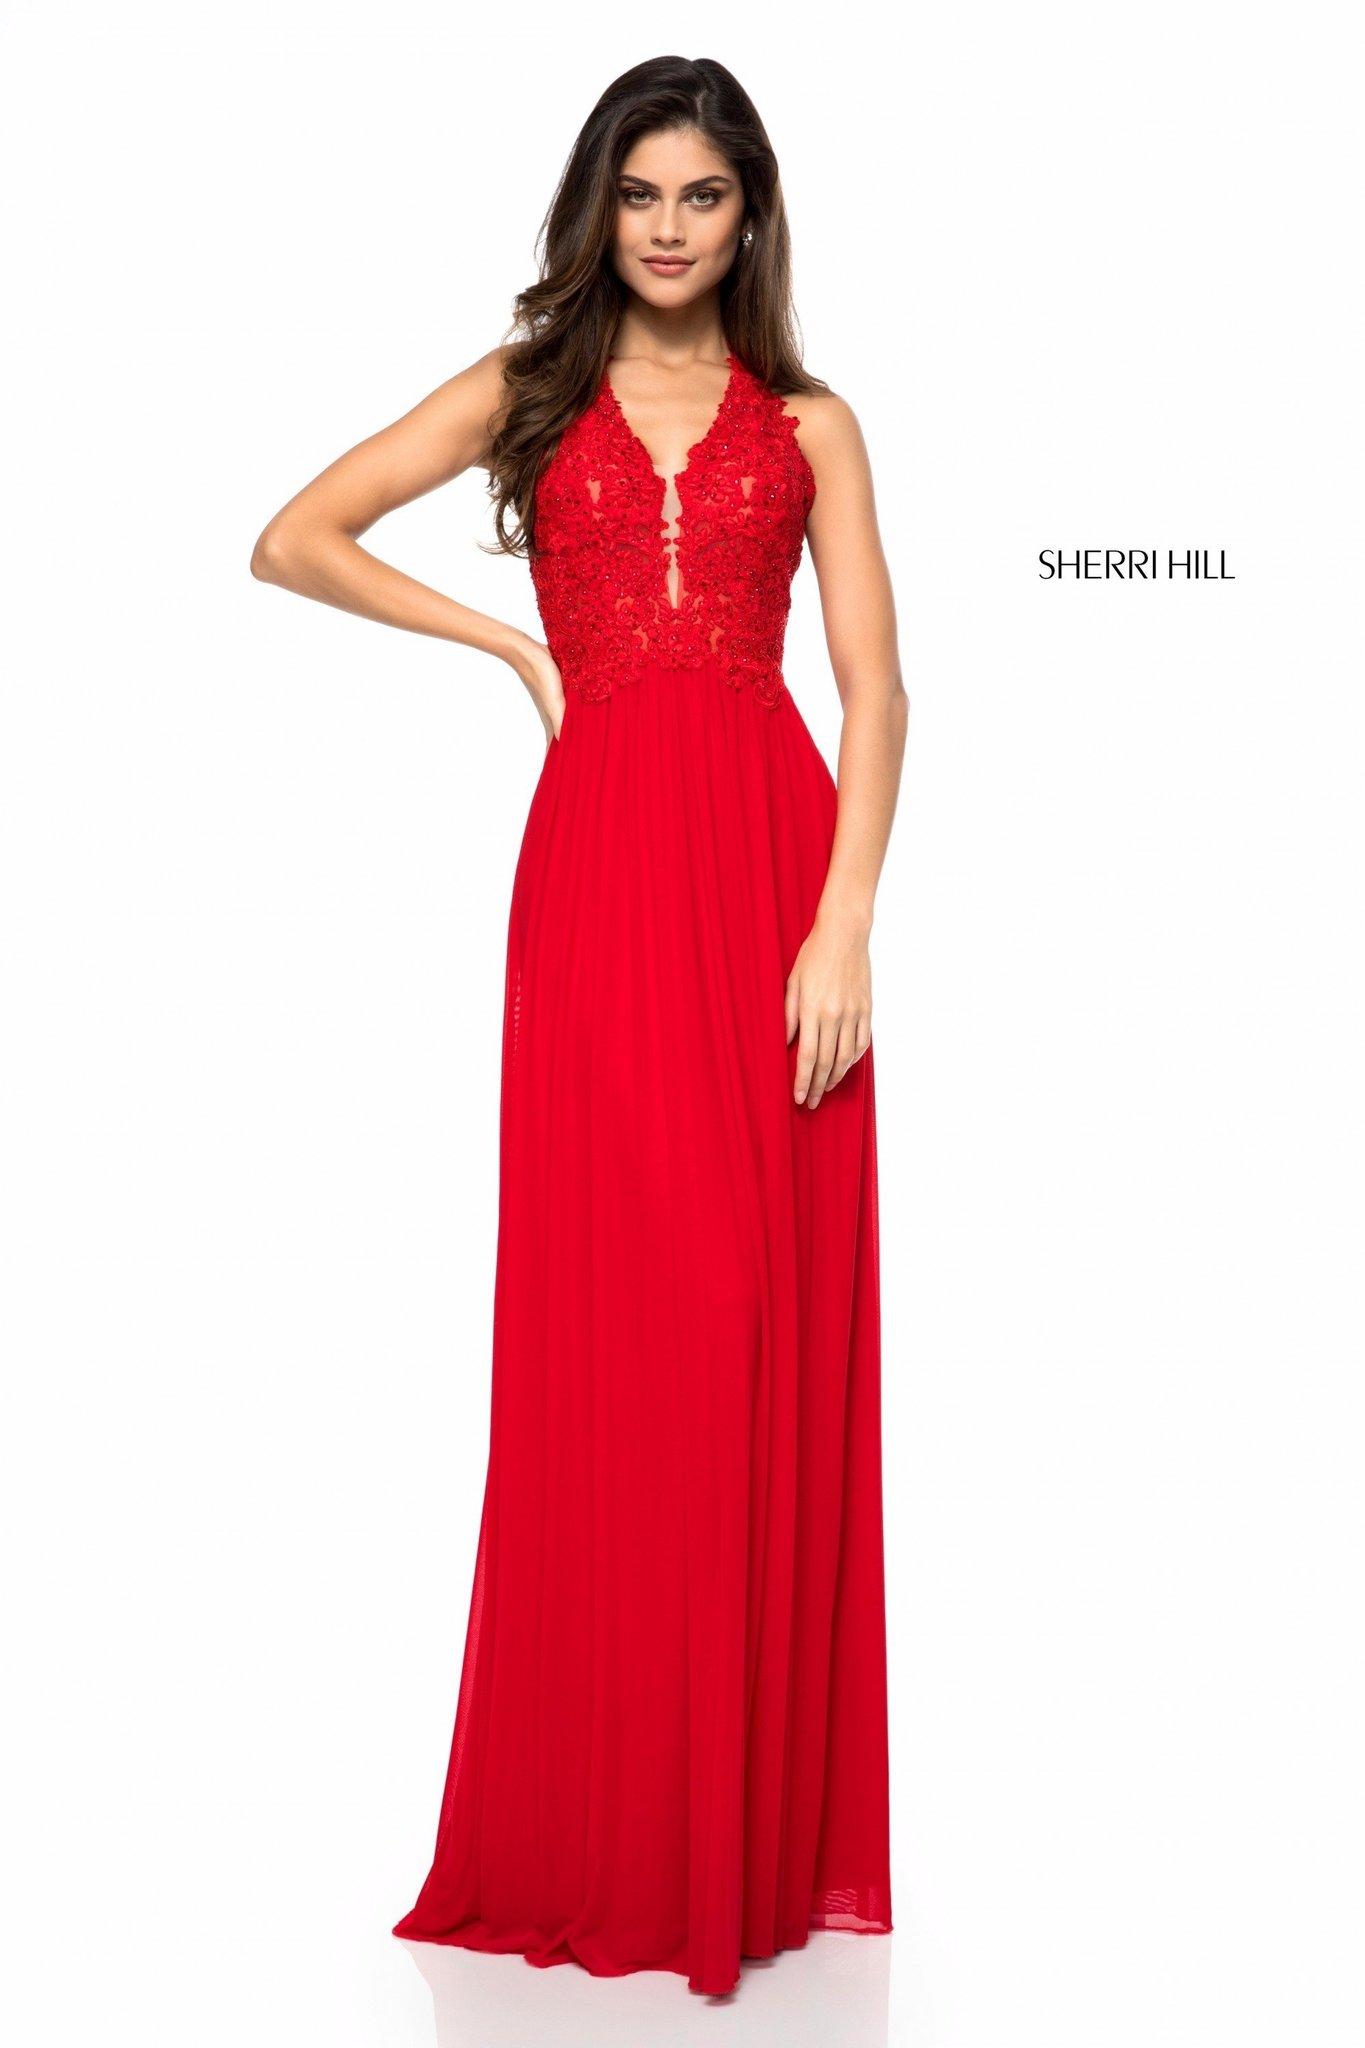 Sherri Hill 51553  Красное платье с расшитым богато камнями лифом и струящейся, пышной юбкой в пол